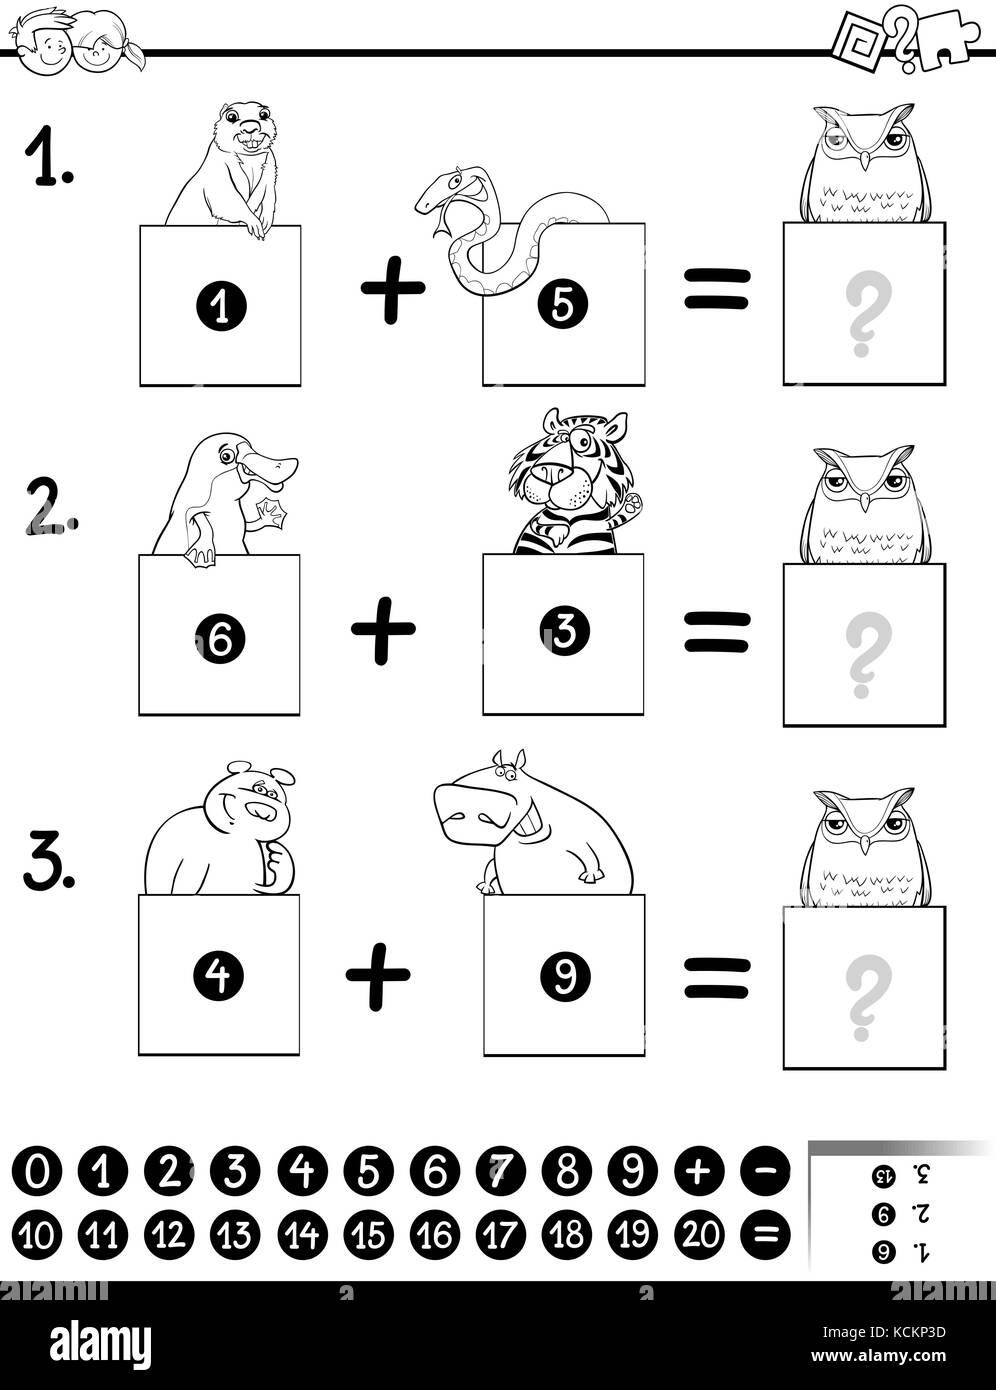 Bianco E Nero Cartoon Illustrazione Della Matematica Educative Oltre